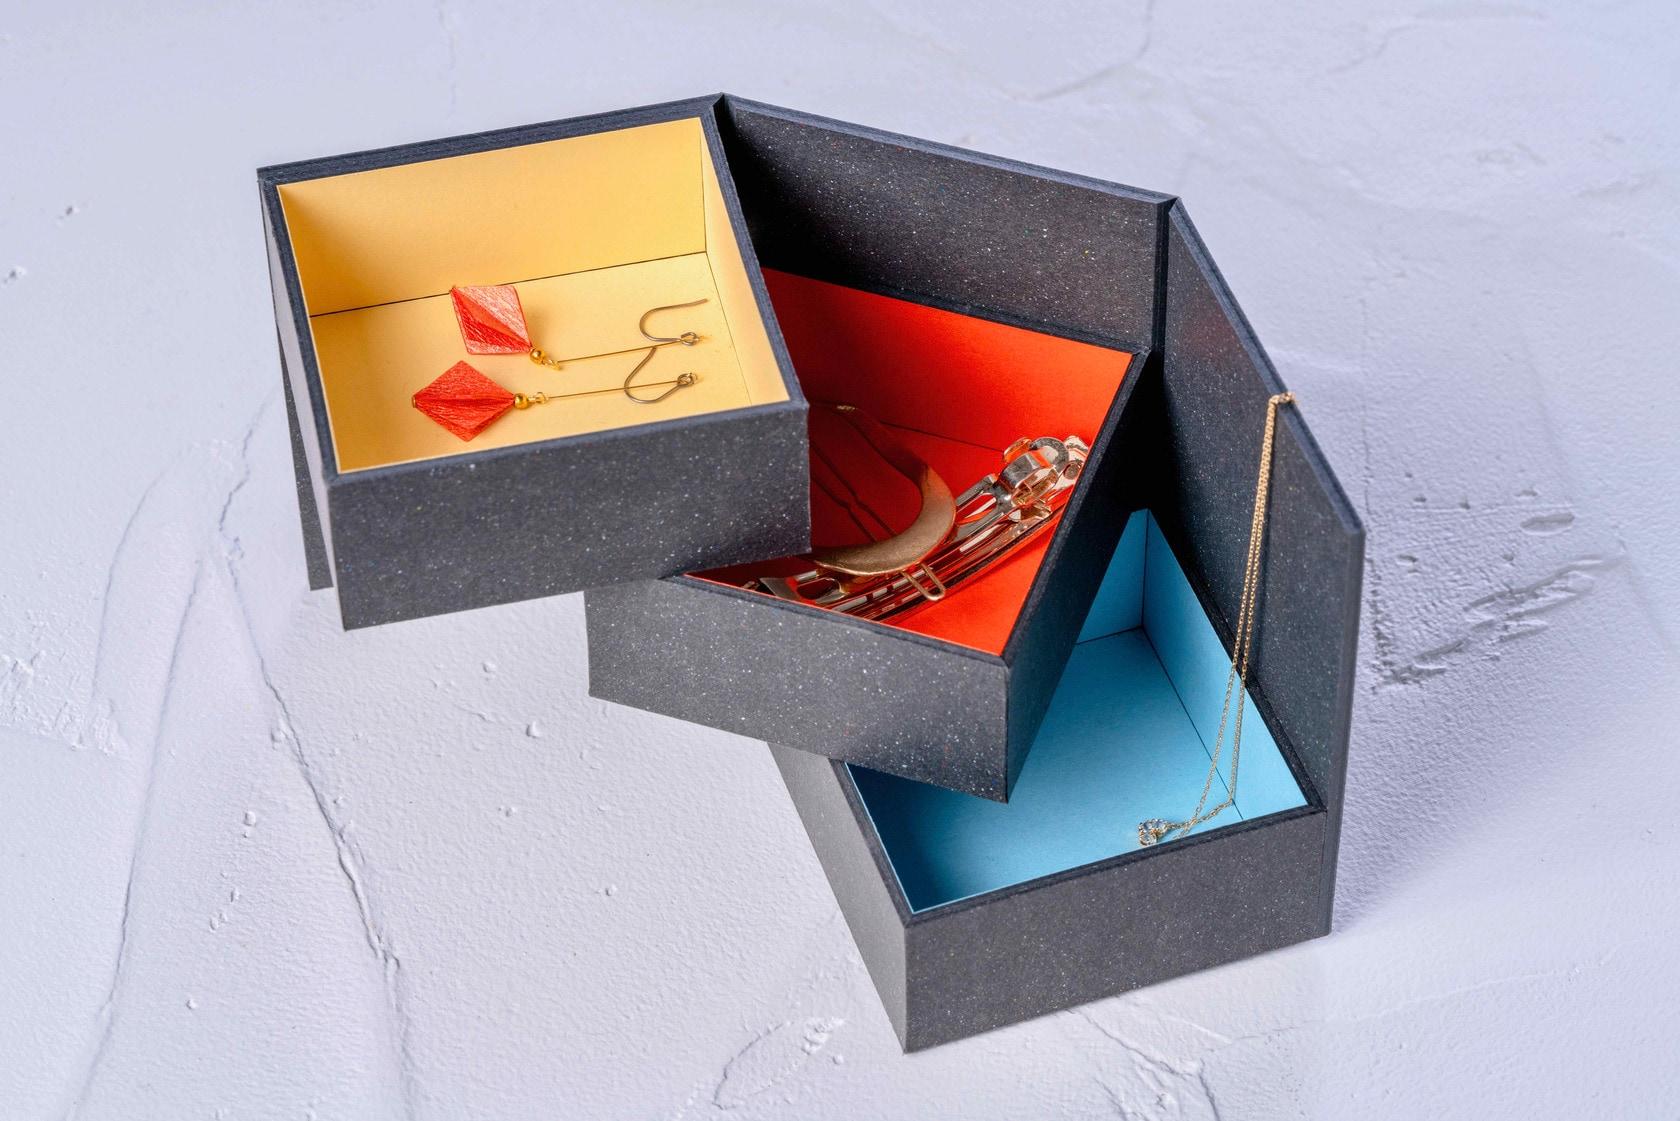 アクセサリーや貴重品を収納できるモリタの紙箱,ミニマムスペース